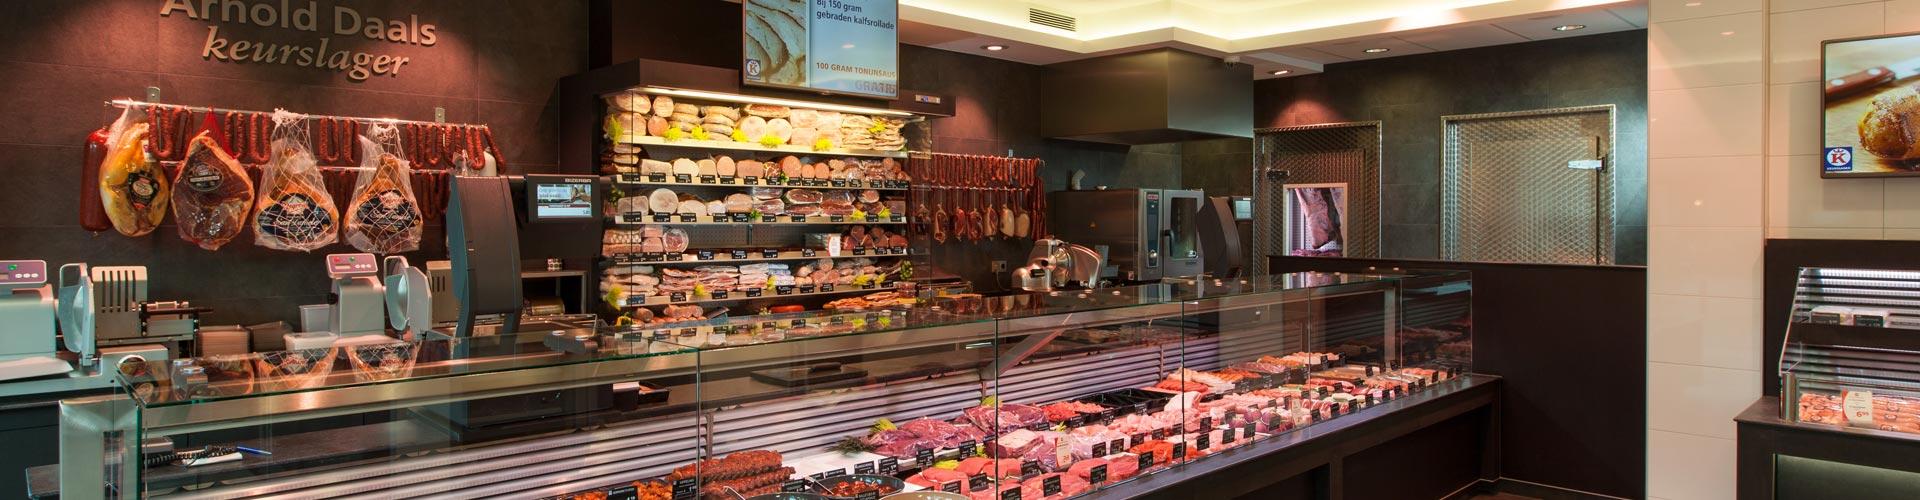 Keurslager Arnold Daals winkel overzicht